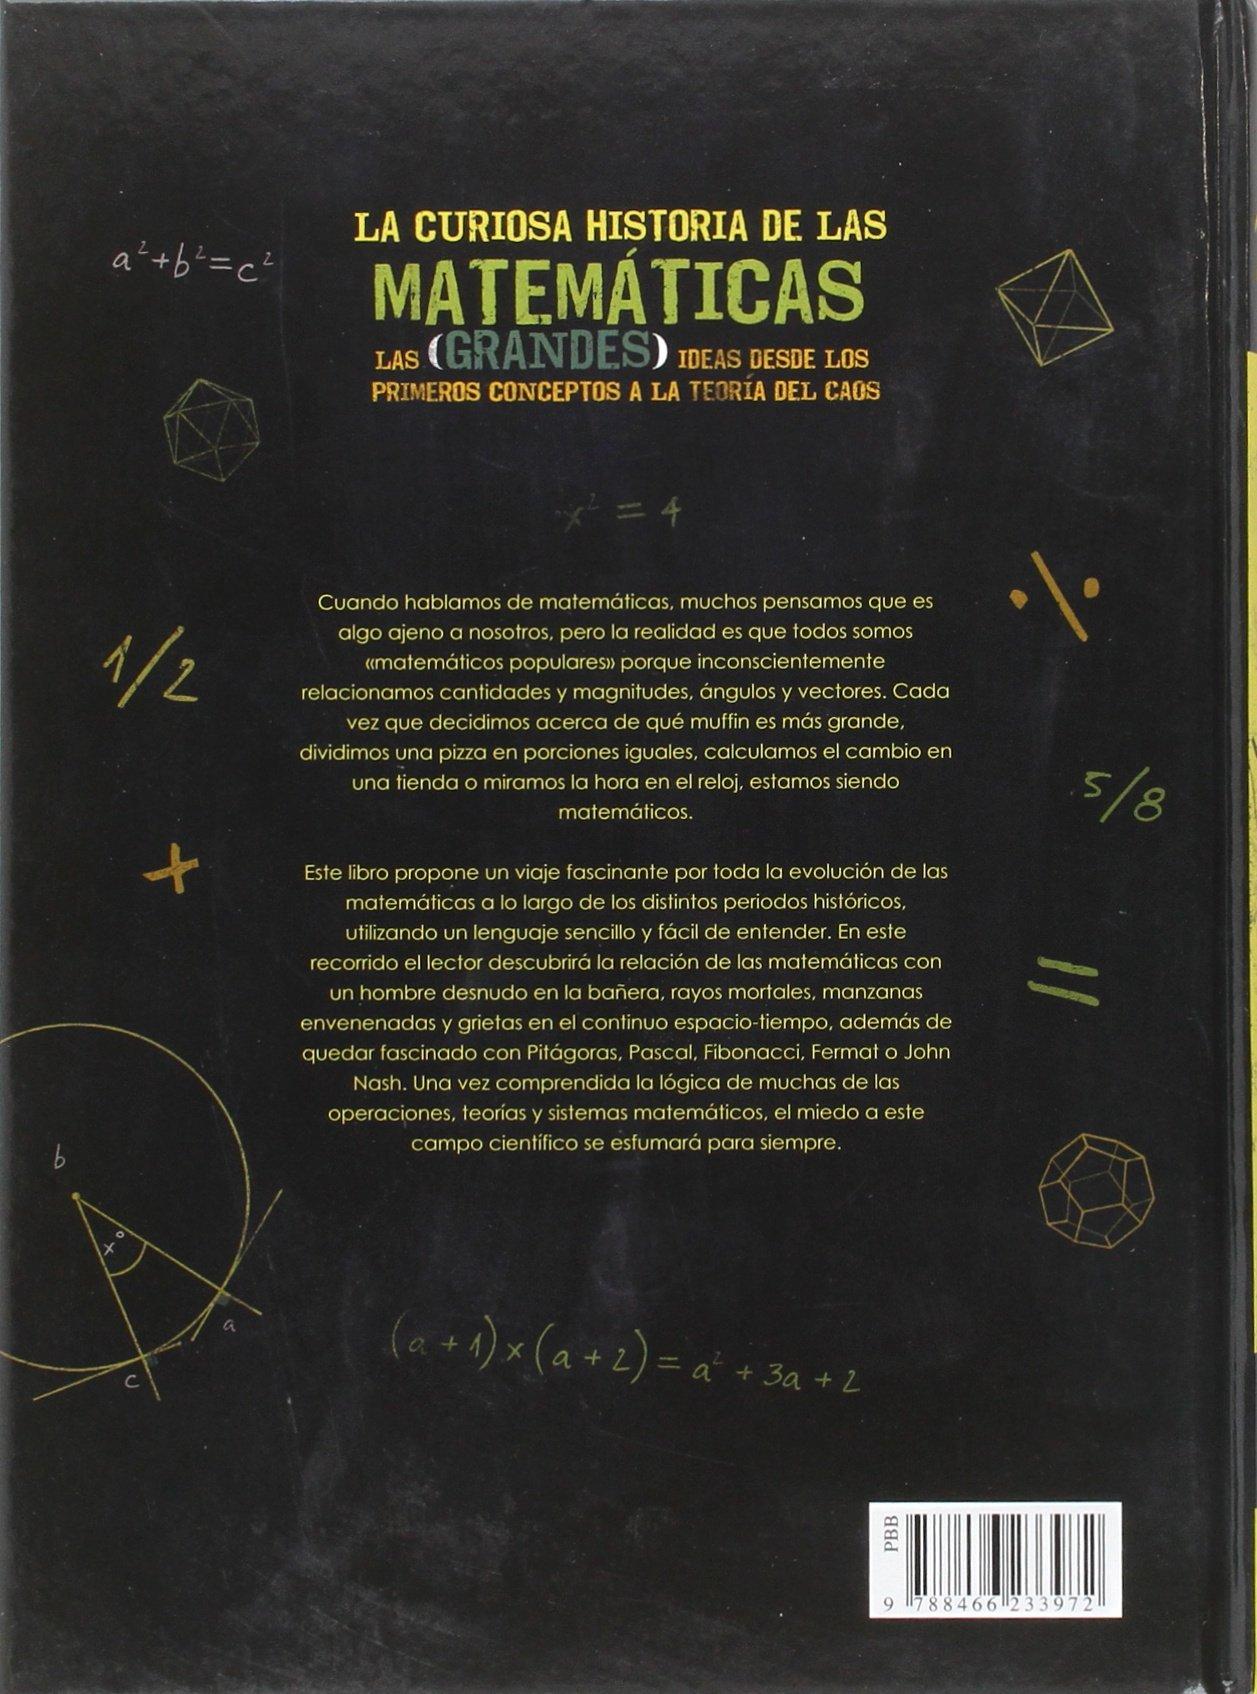 La curiosa historia de las matemáticas (Spanish Edition): Joel Levy, Libsa: 9788466233972: Amazon.com: Books